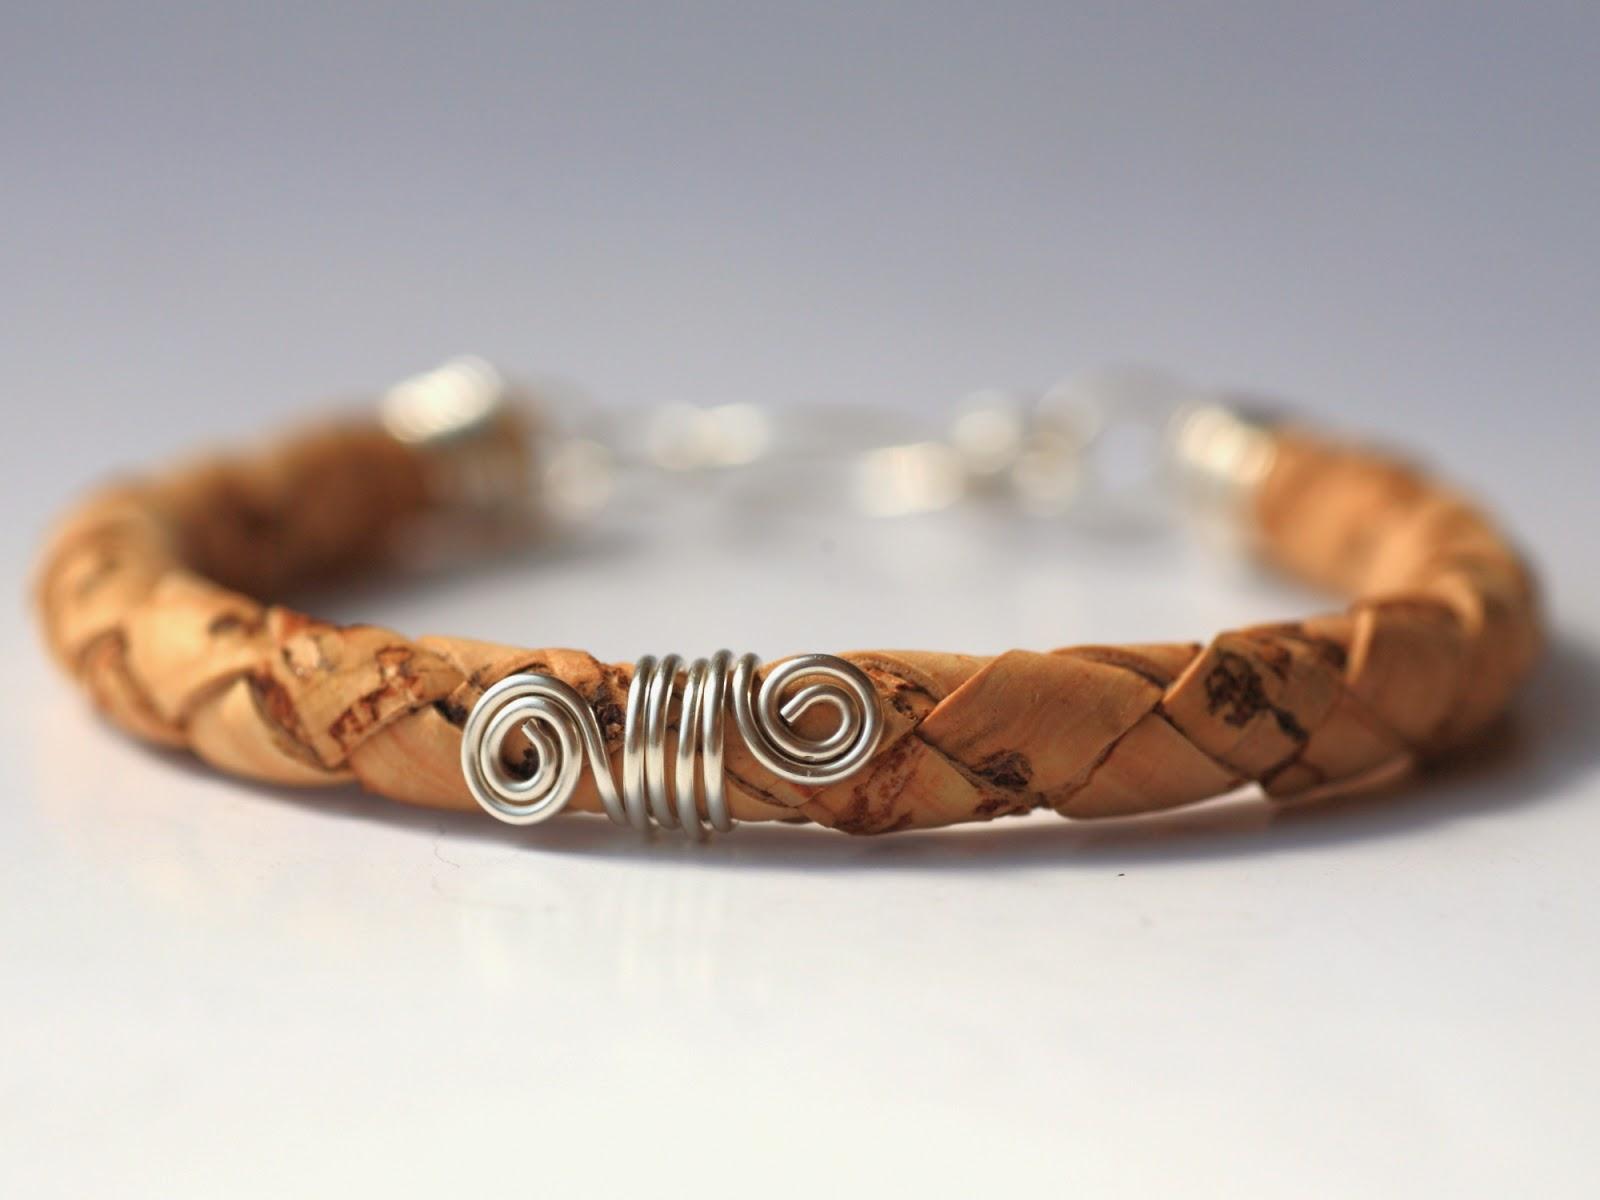 http://it.dawanda.com/product/64242763-Kork-verdreht-Armband